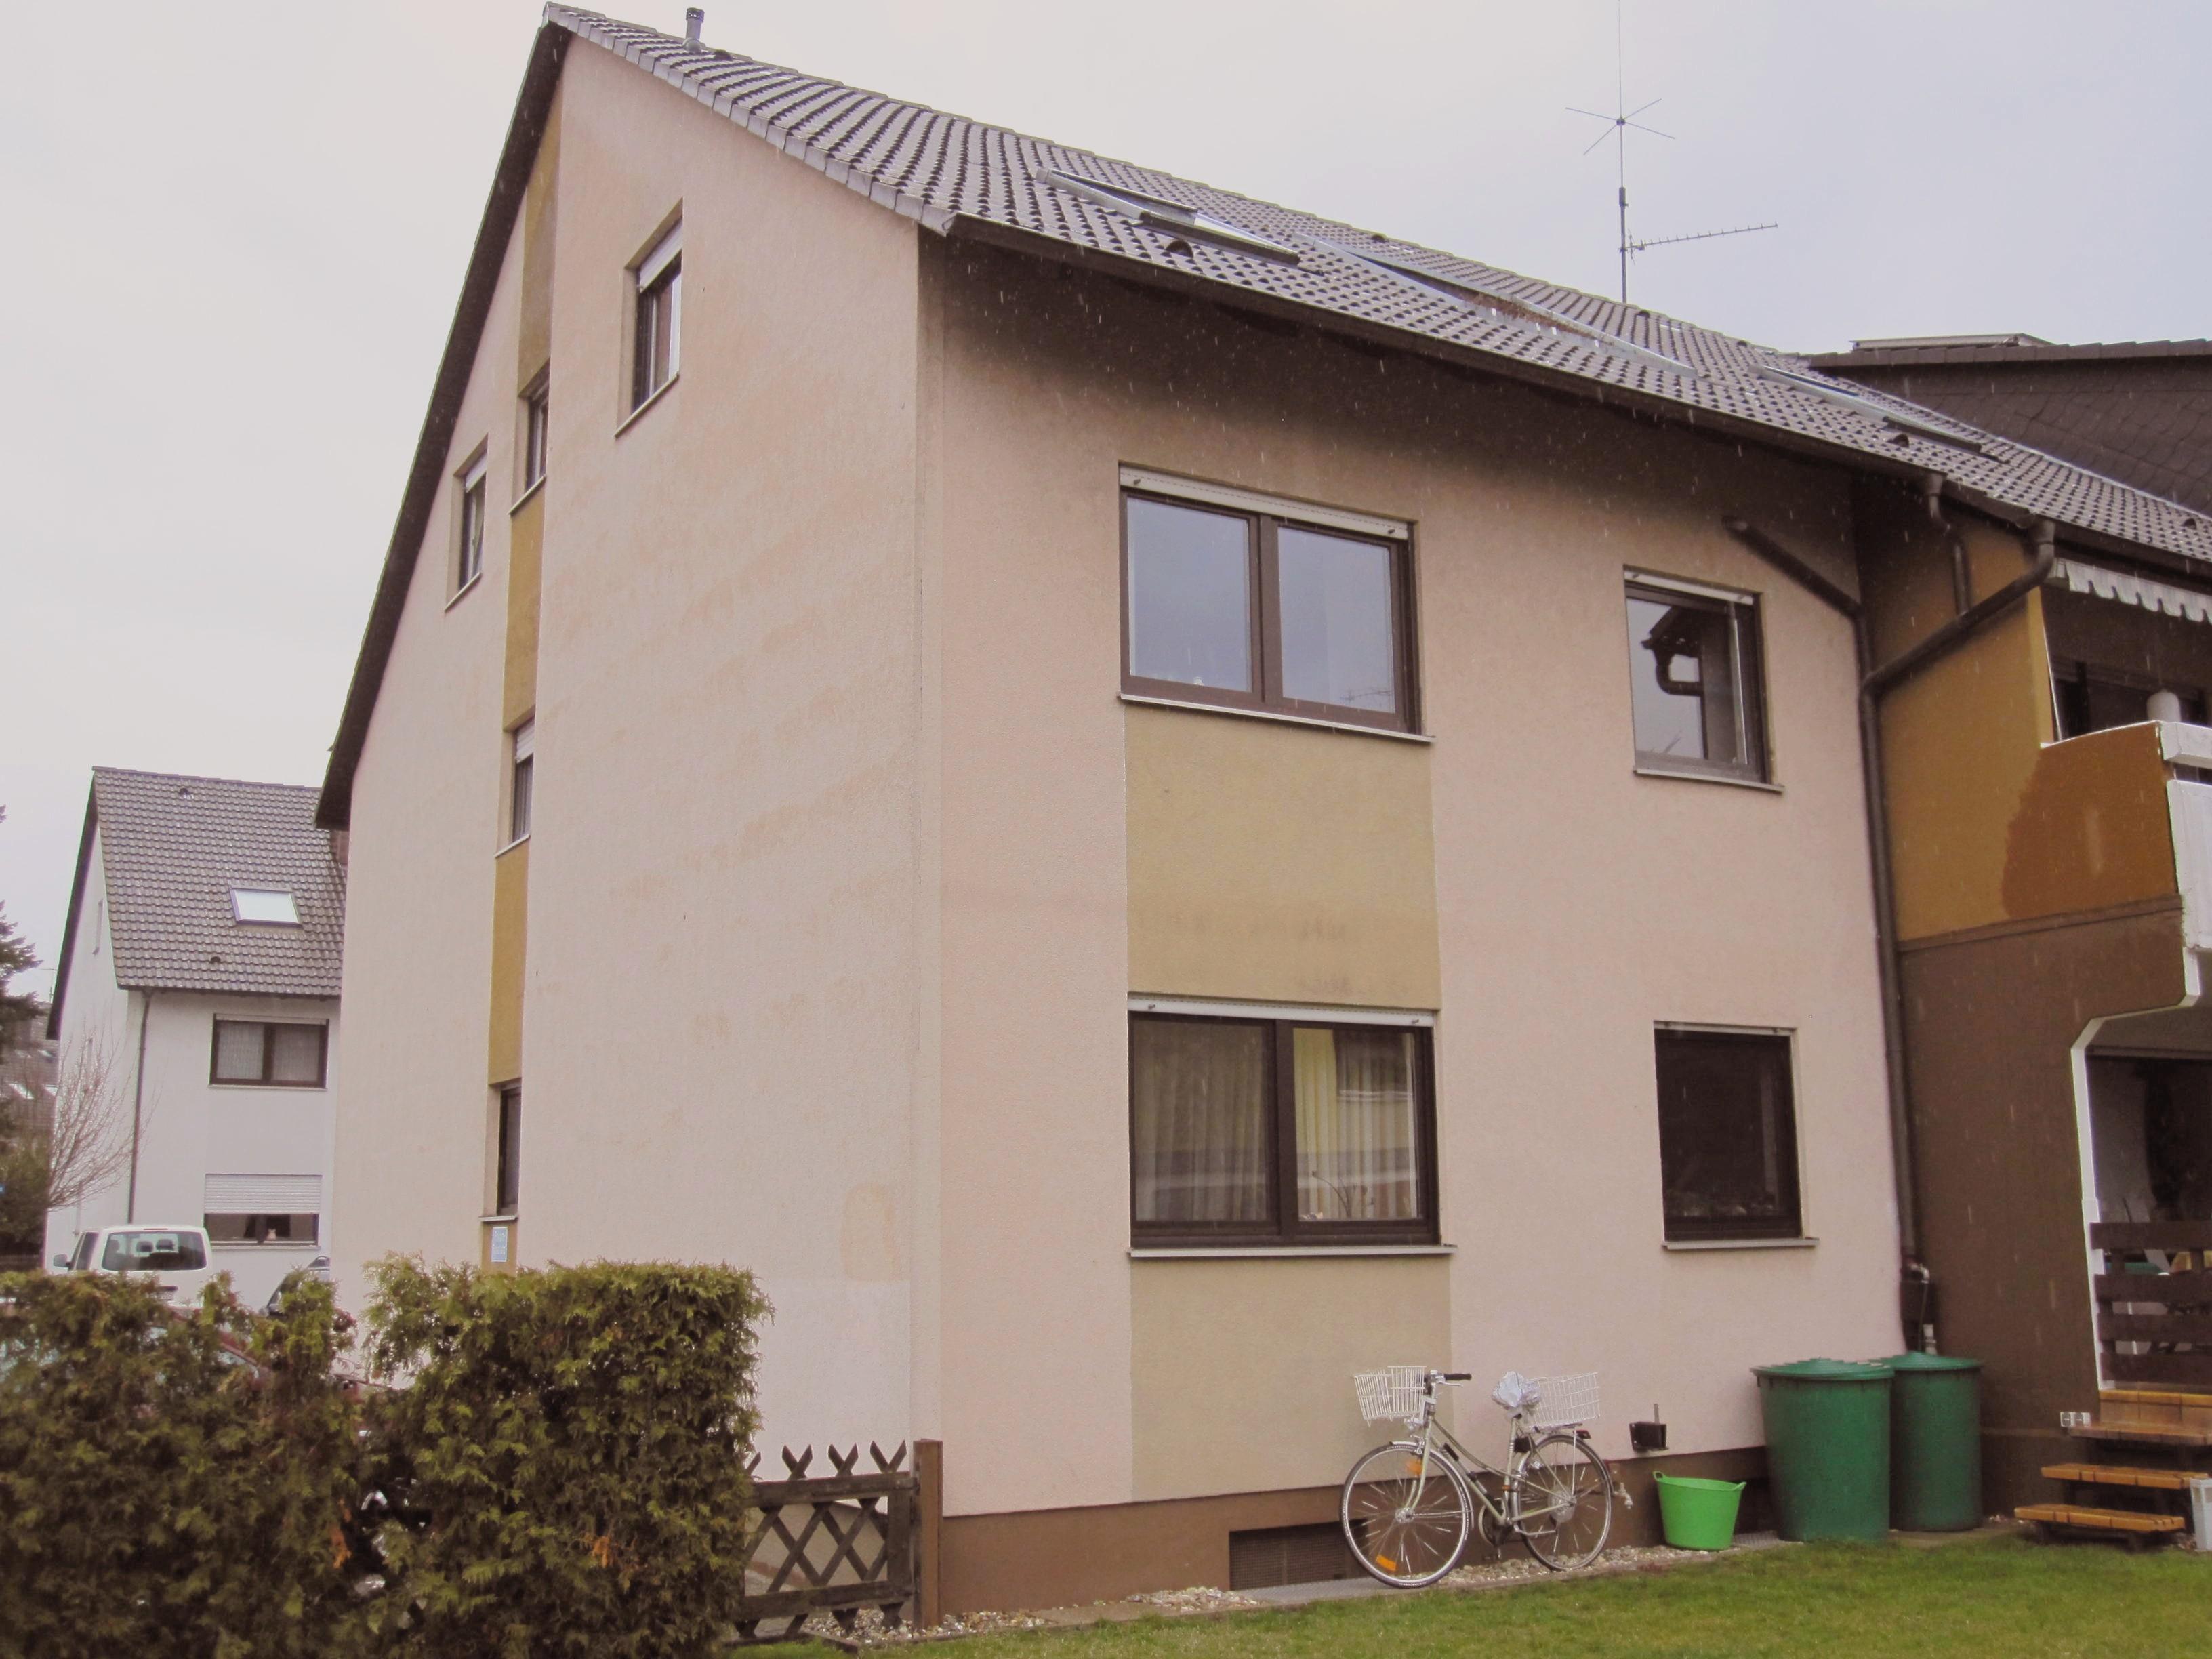 Verkehrswertgutachten - Immobilienbewertung Heidelberg Mannheim